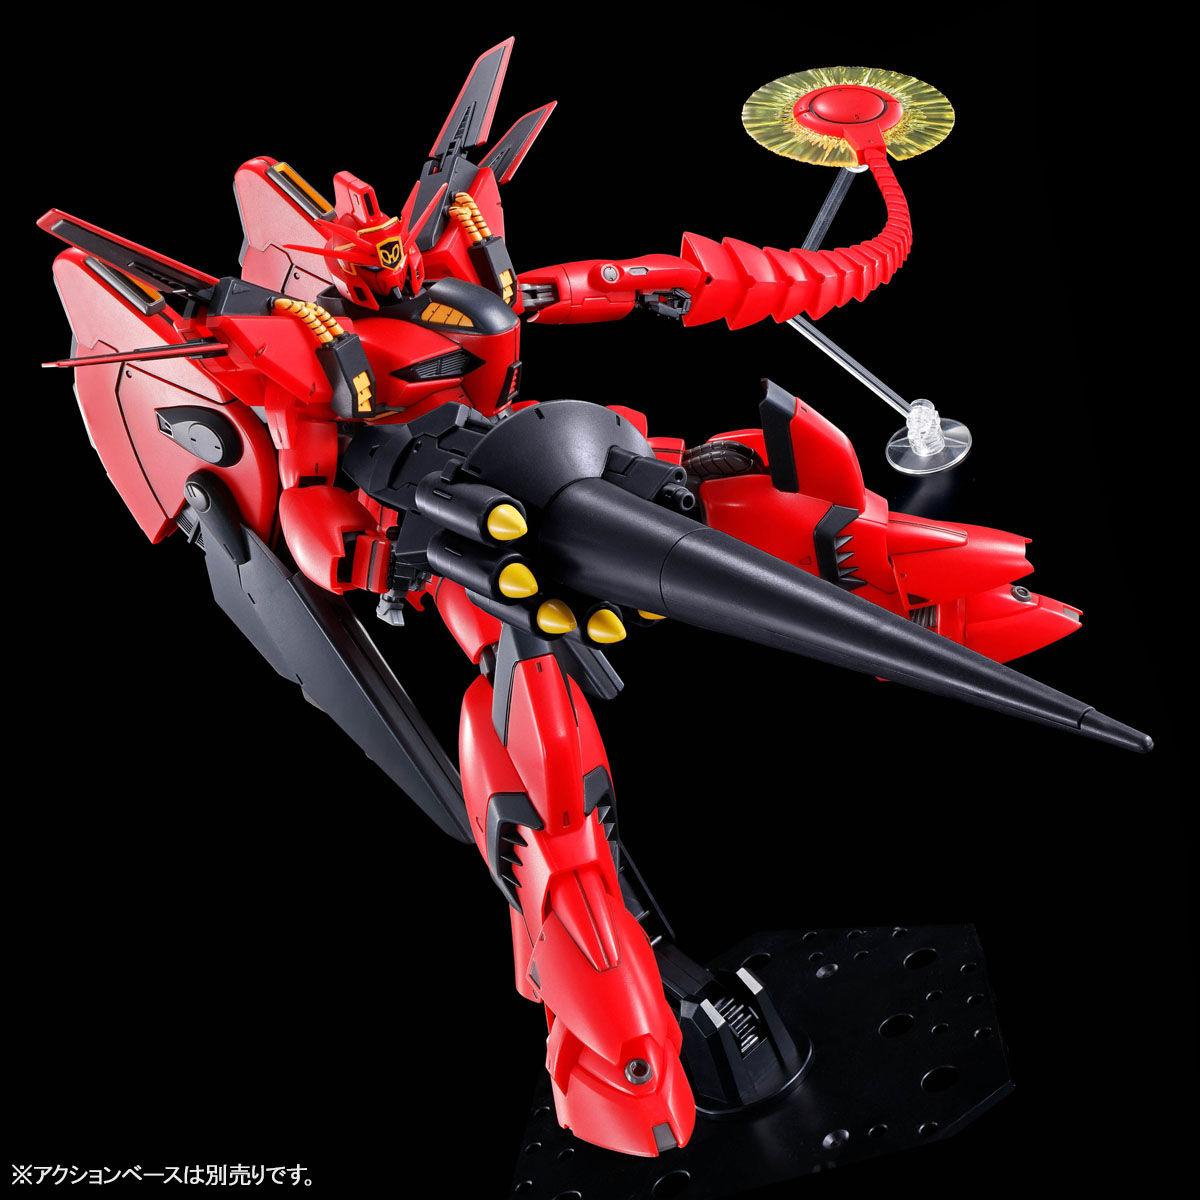 【限定販売】RE/100『ビギナ・ギナII(木星決戦仕様)』1/100 プラモデル-004